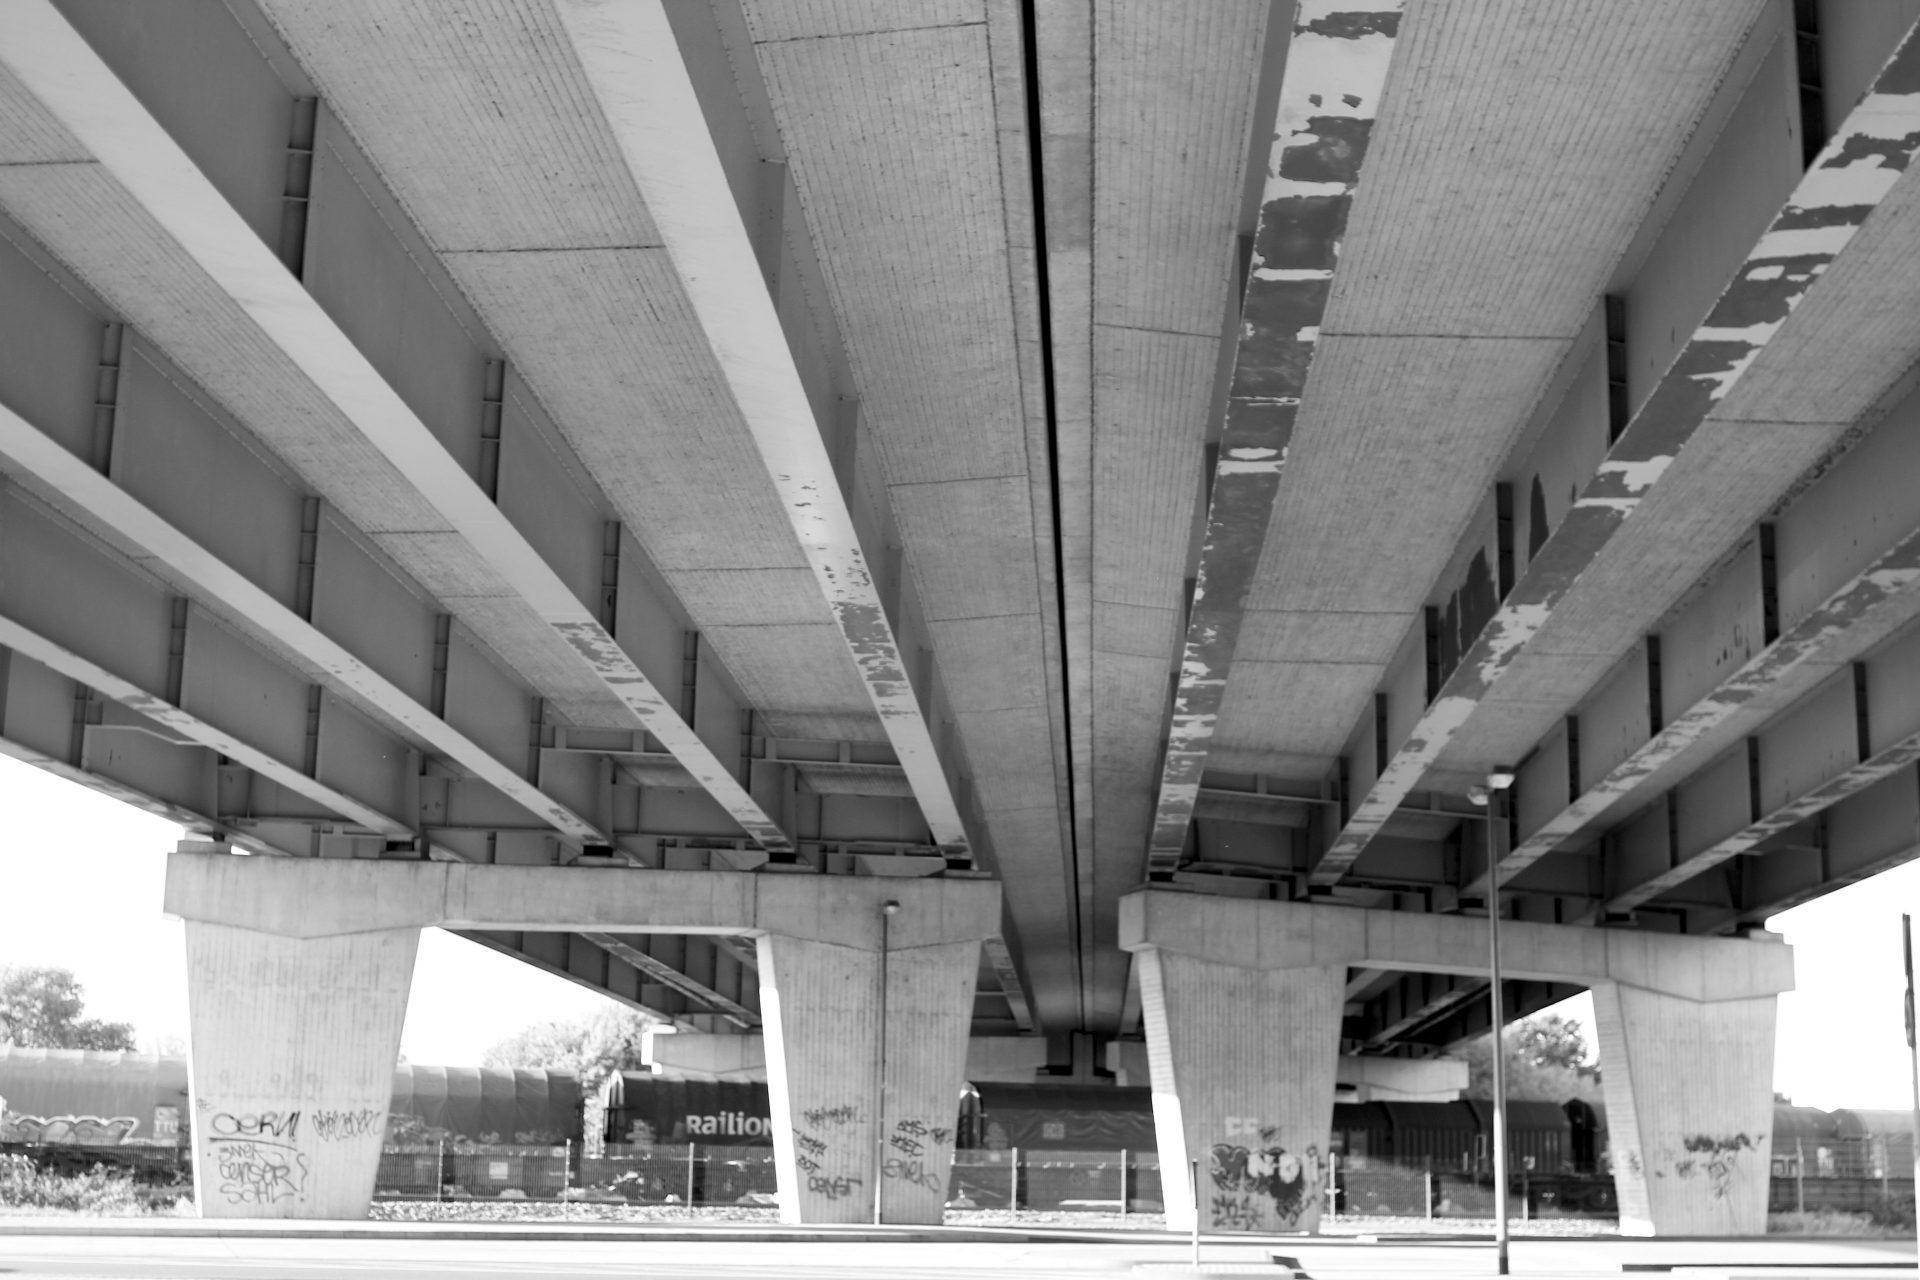 A59. Eine der besten Aussichten auf den Innenhafen hat man, wenn man der Schifferstraße bzw. dem Philosophenweg bis an deren Ende an der Autobahnbrücke der A59 folgt.